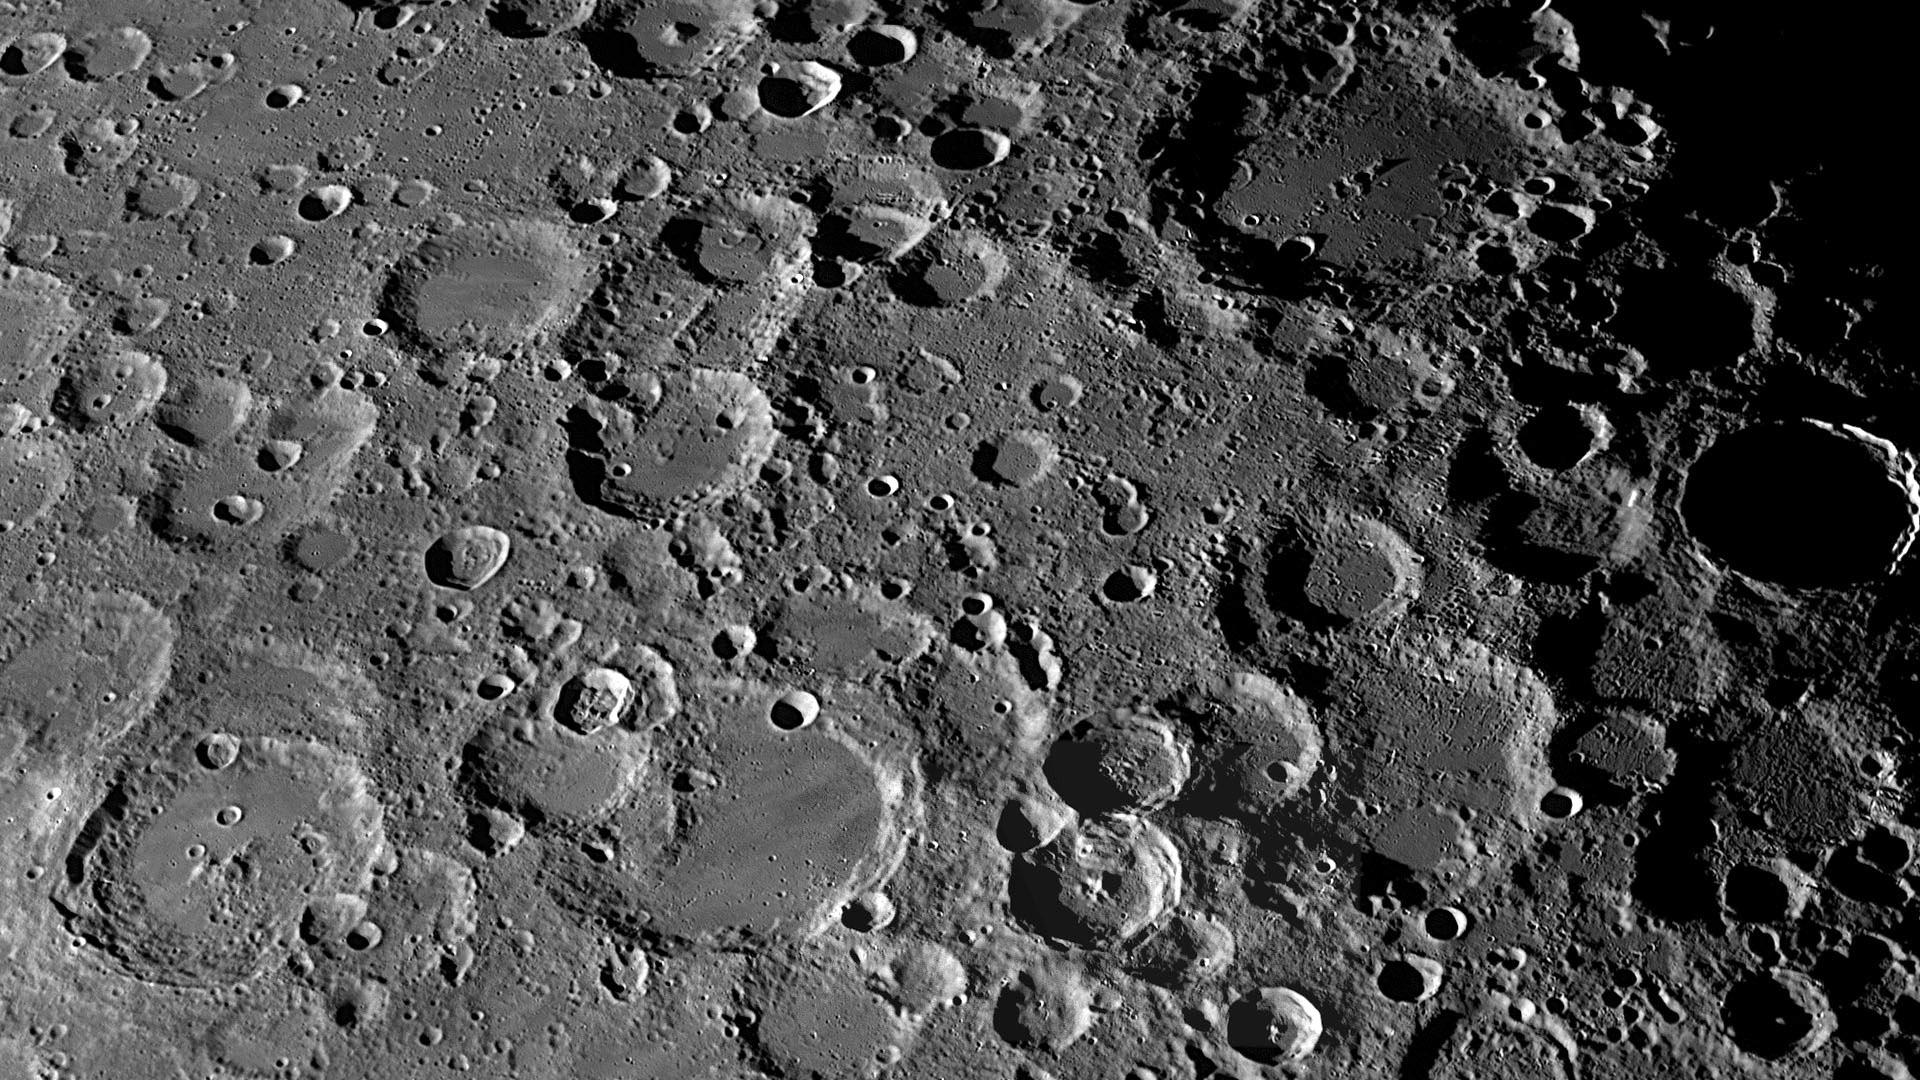 Искусственный интеллект обнаружил 6000 новых кратеров на поверхности Луны